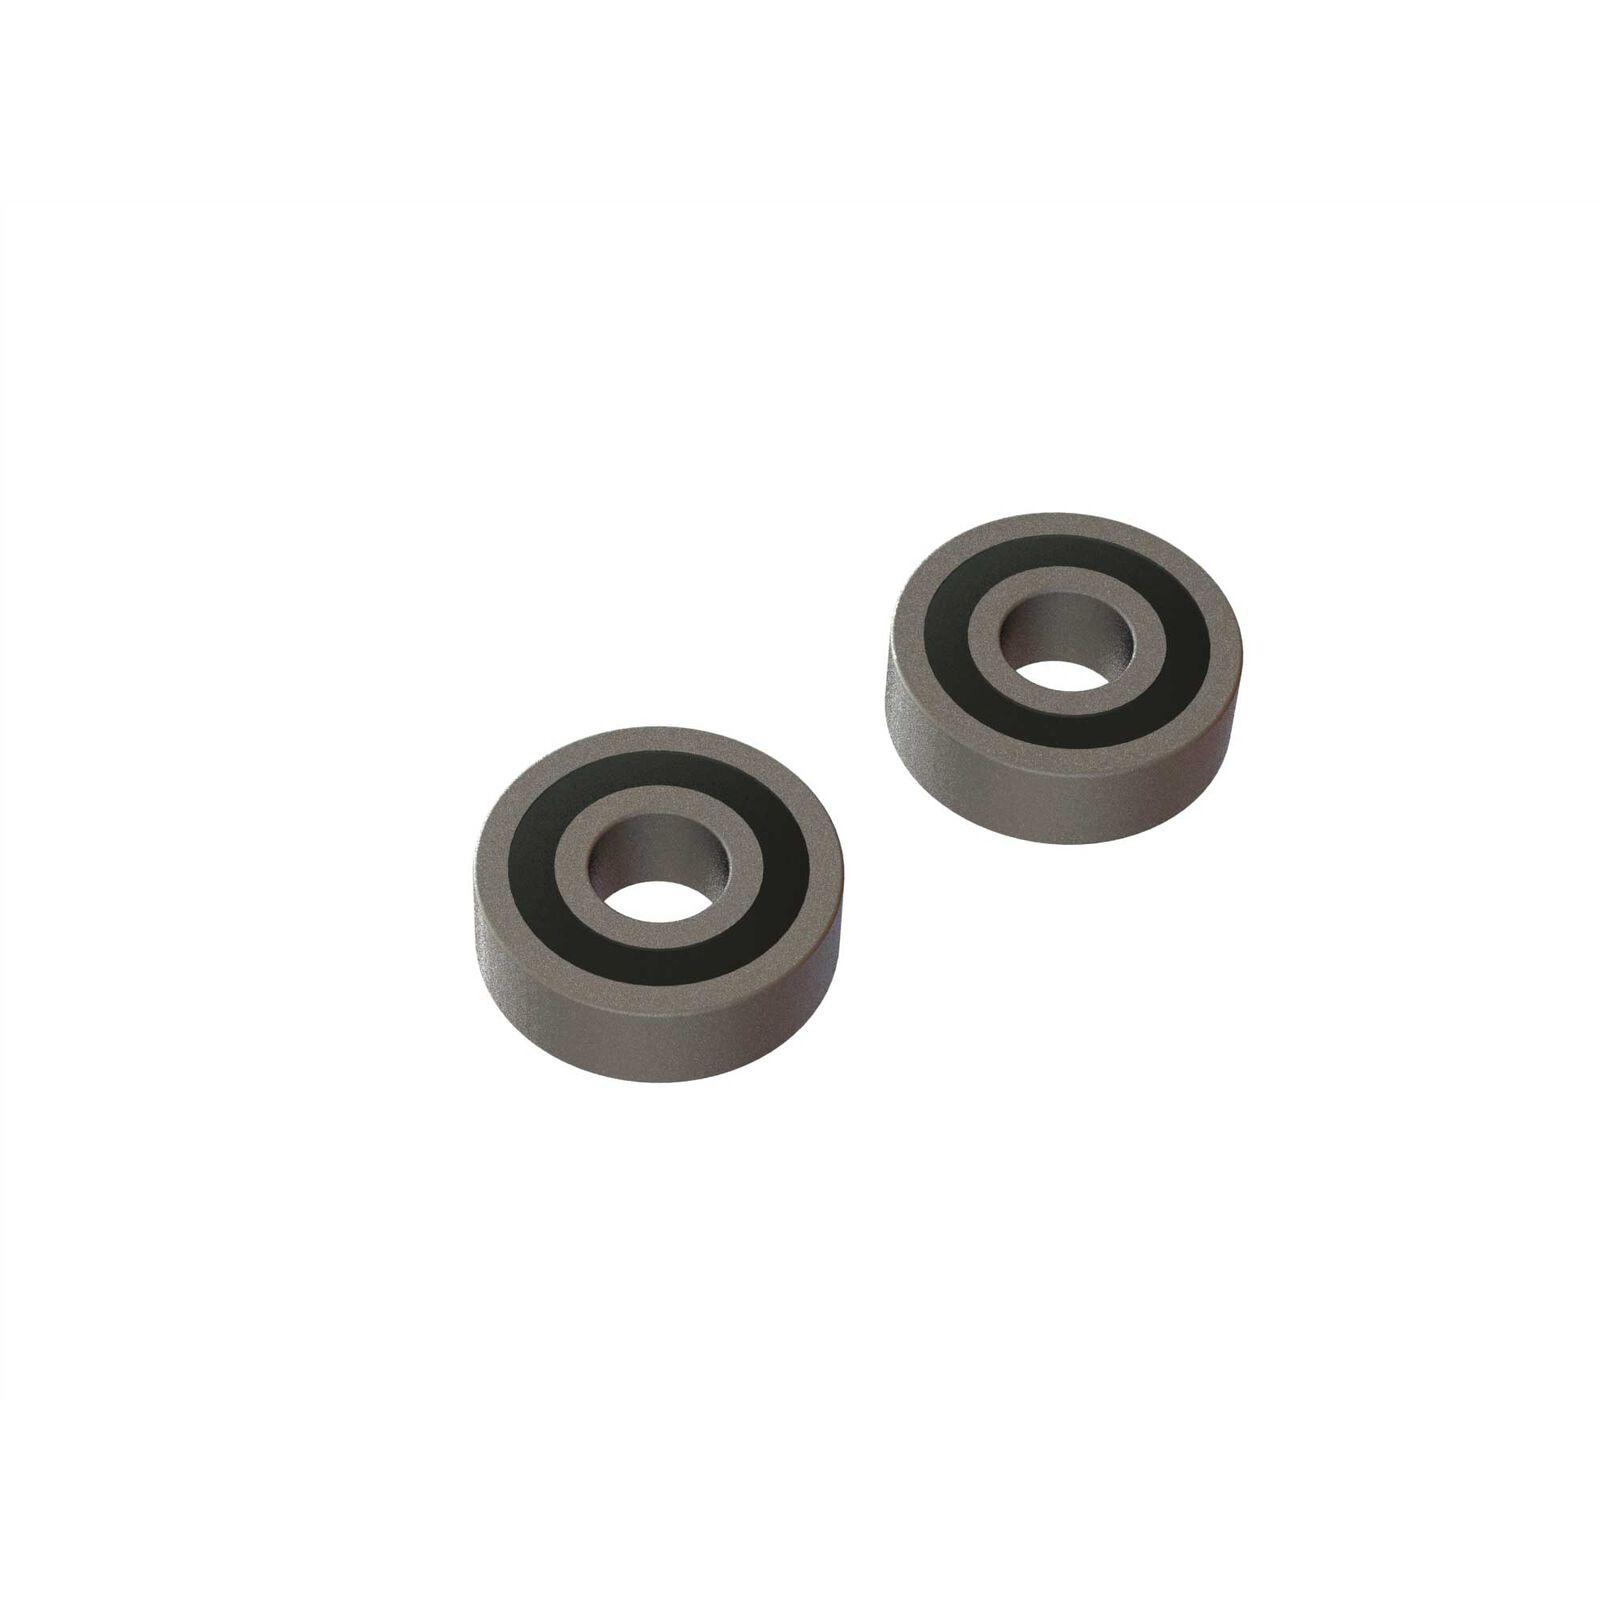 Ball Bearing 6x16x5mm 2RS (2)